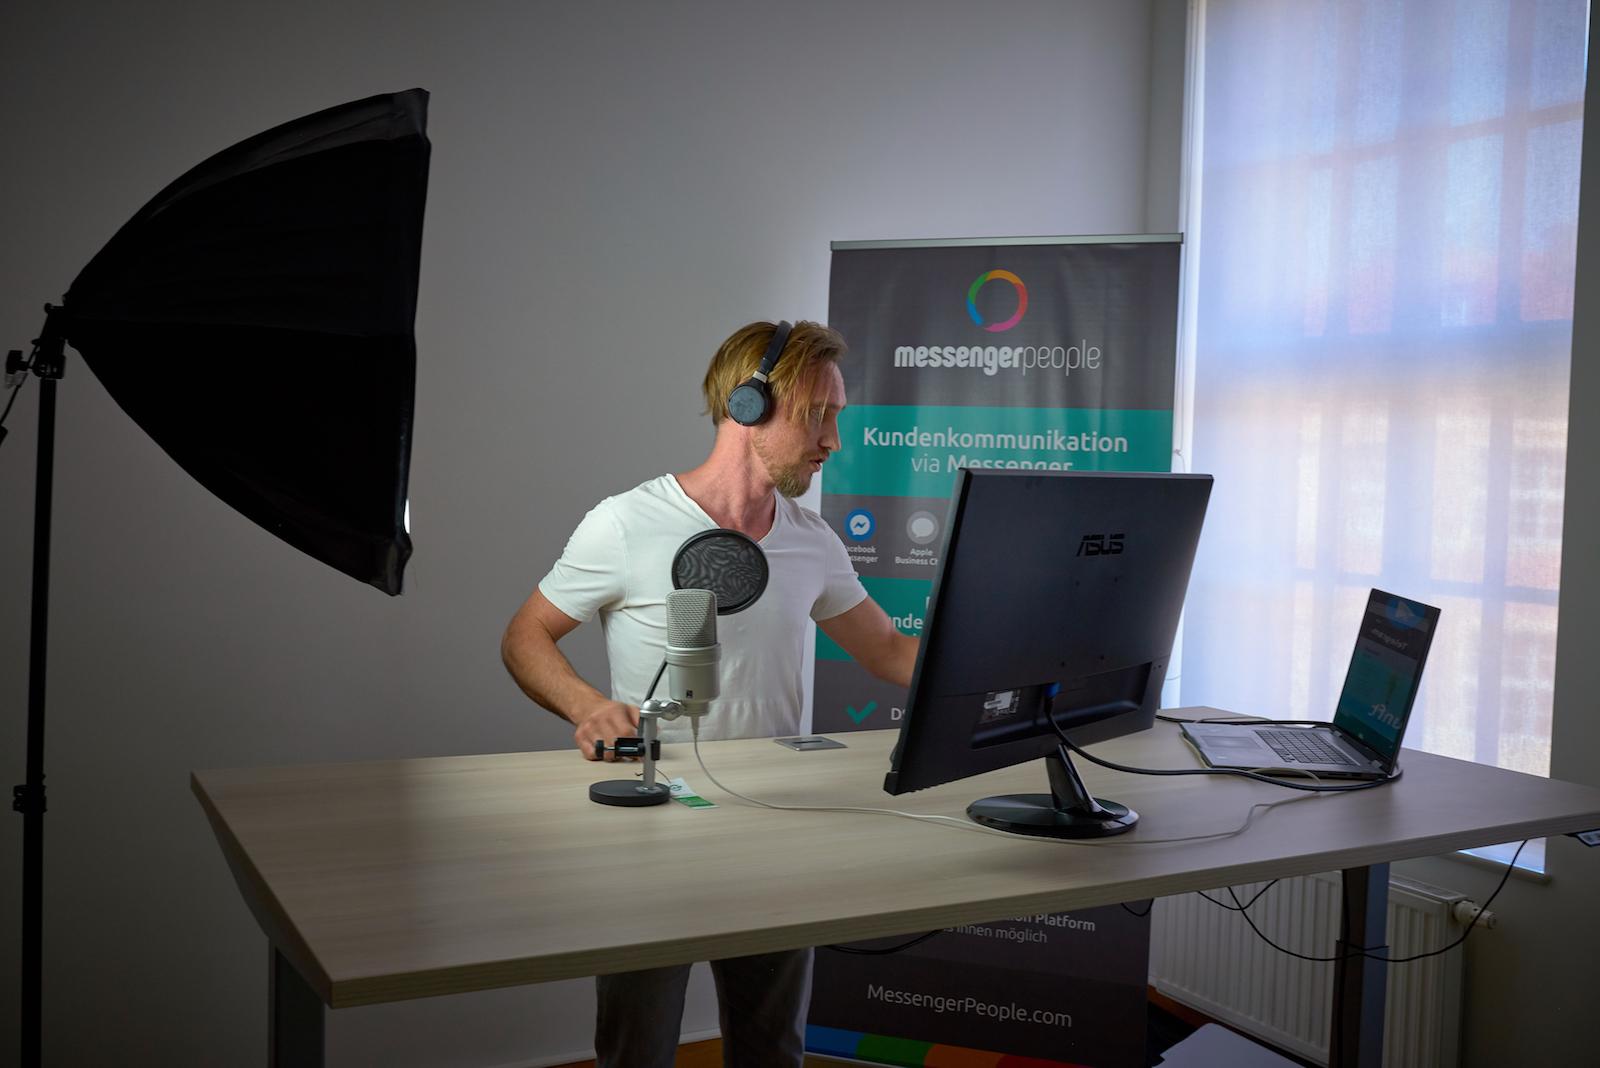 MessengerPeople Studio